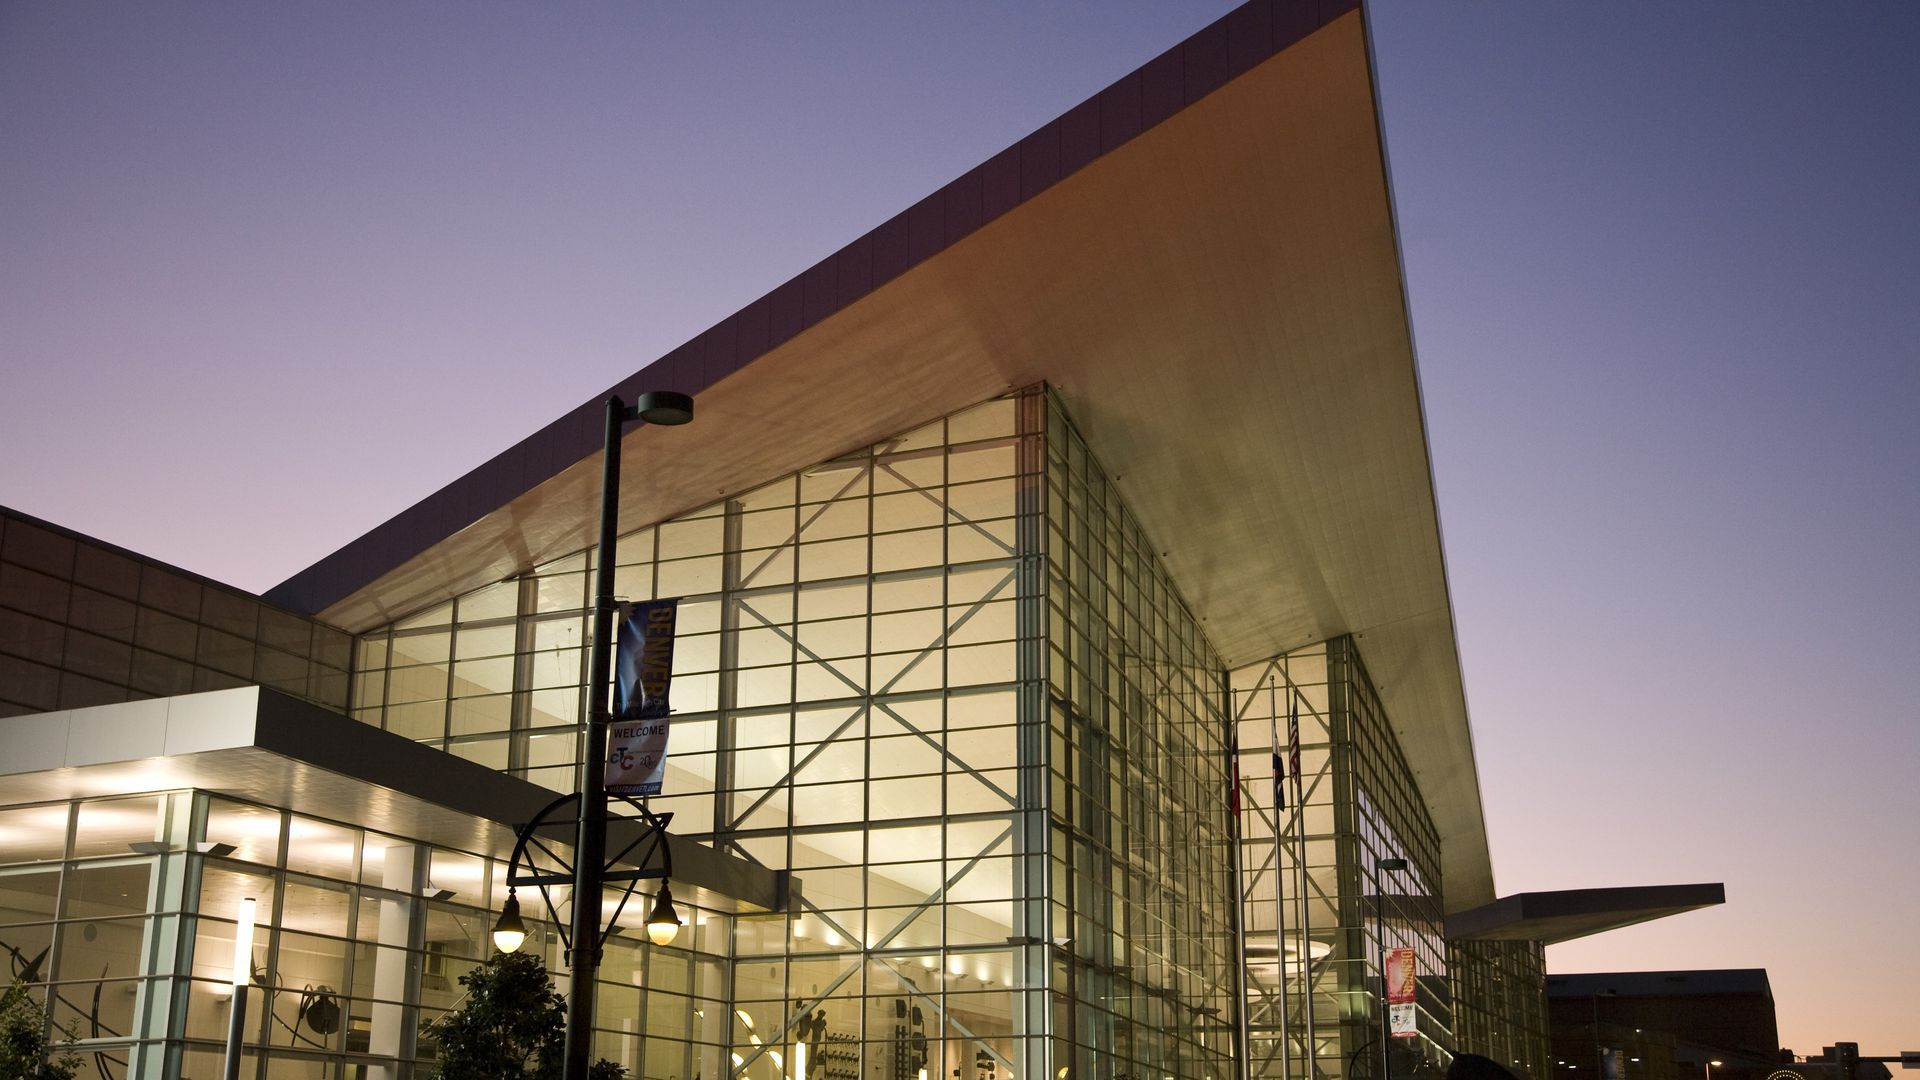 Denver Convention Center at dusk.